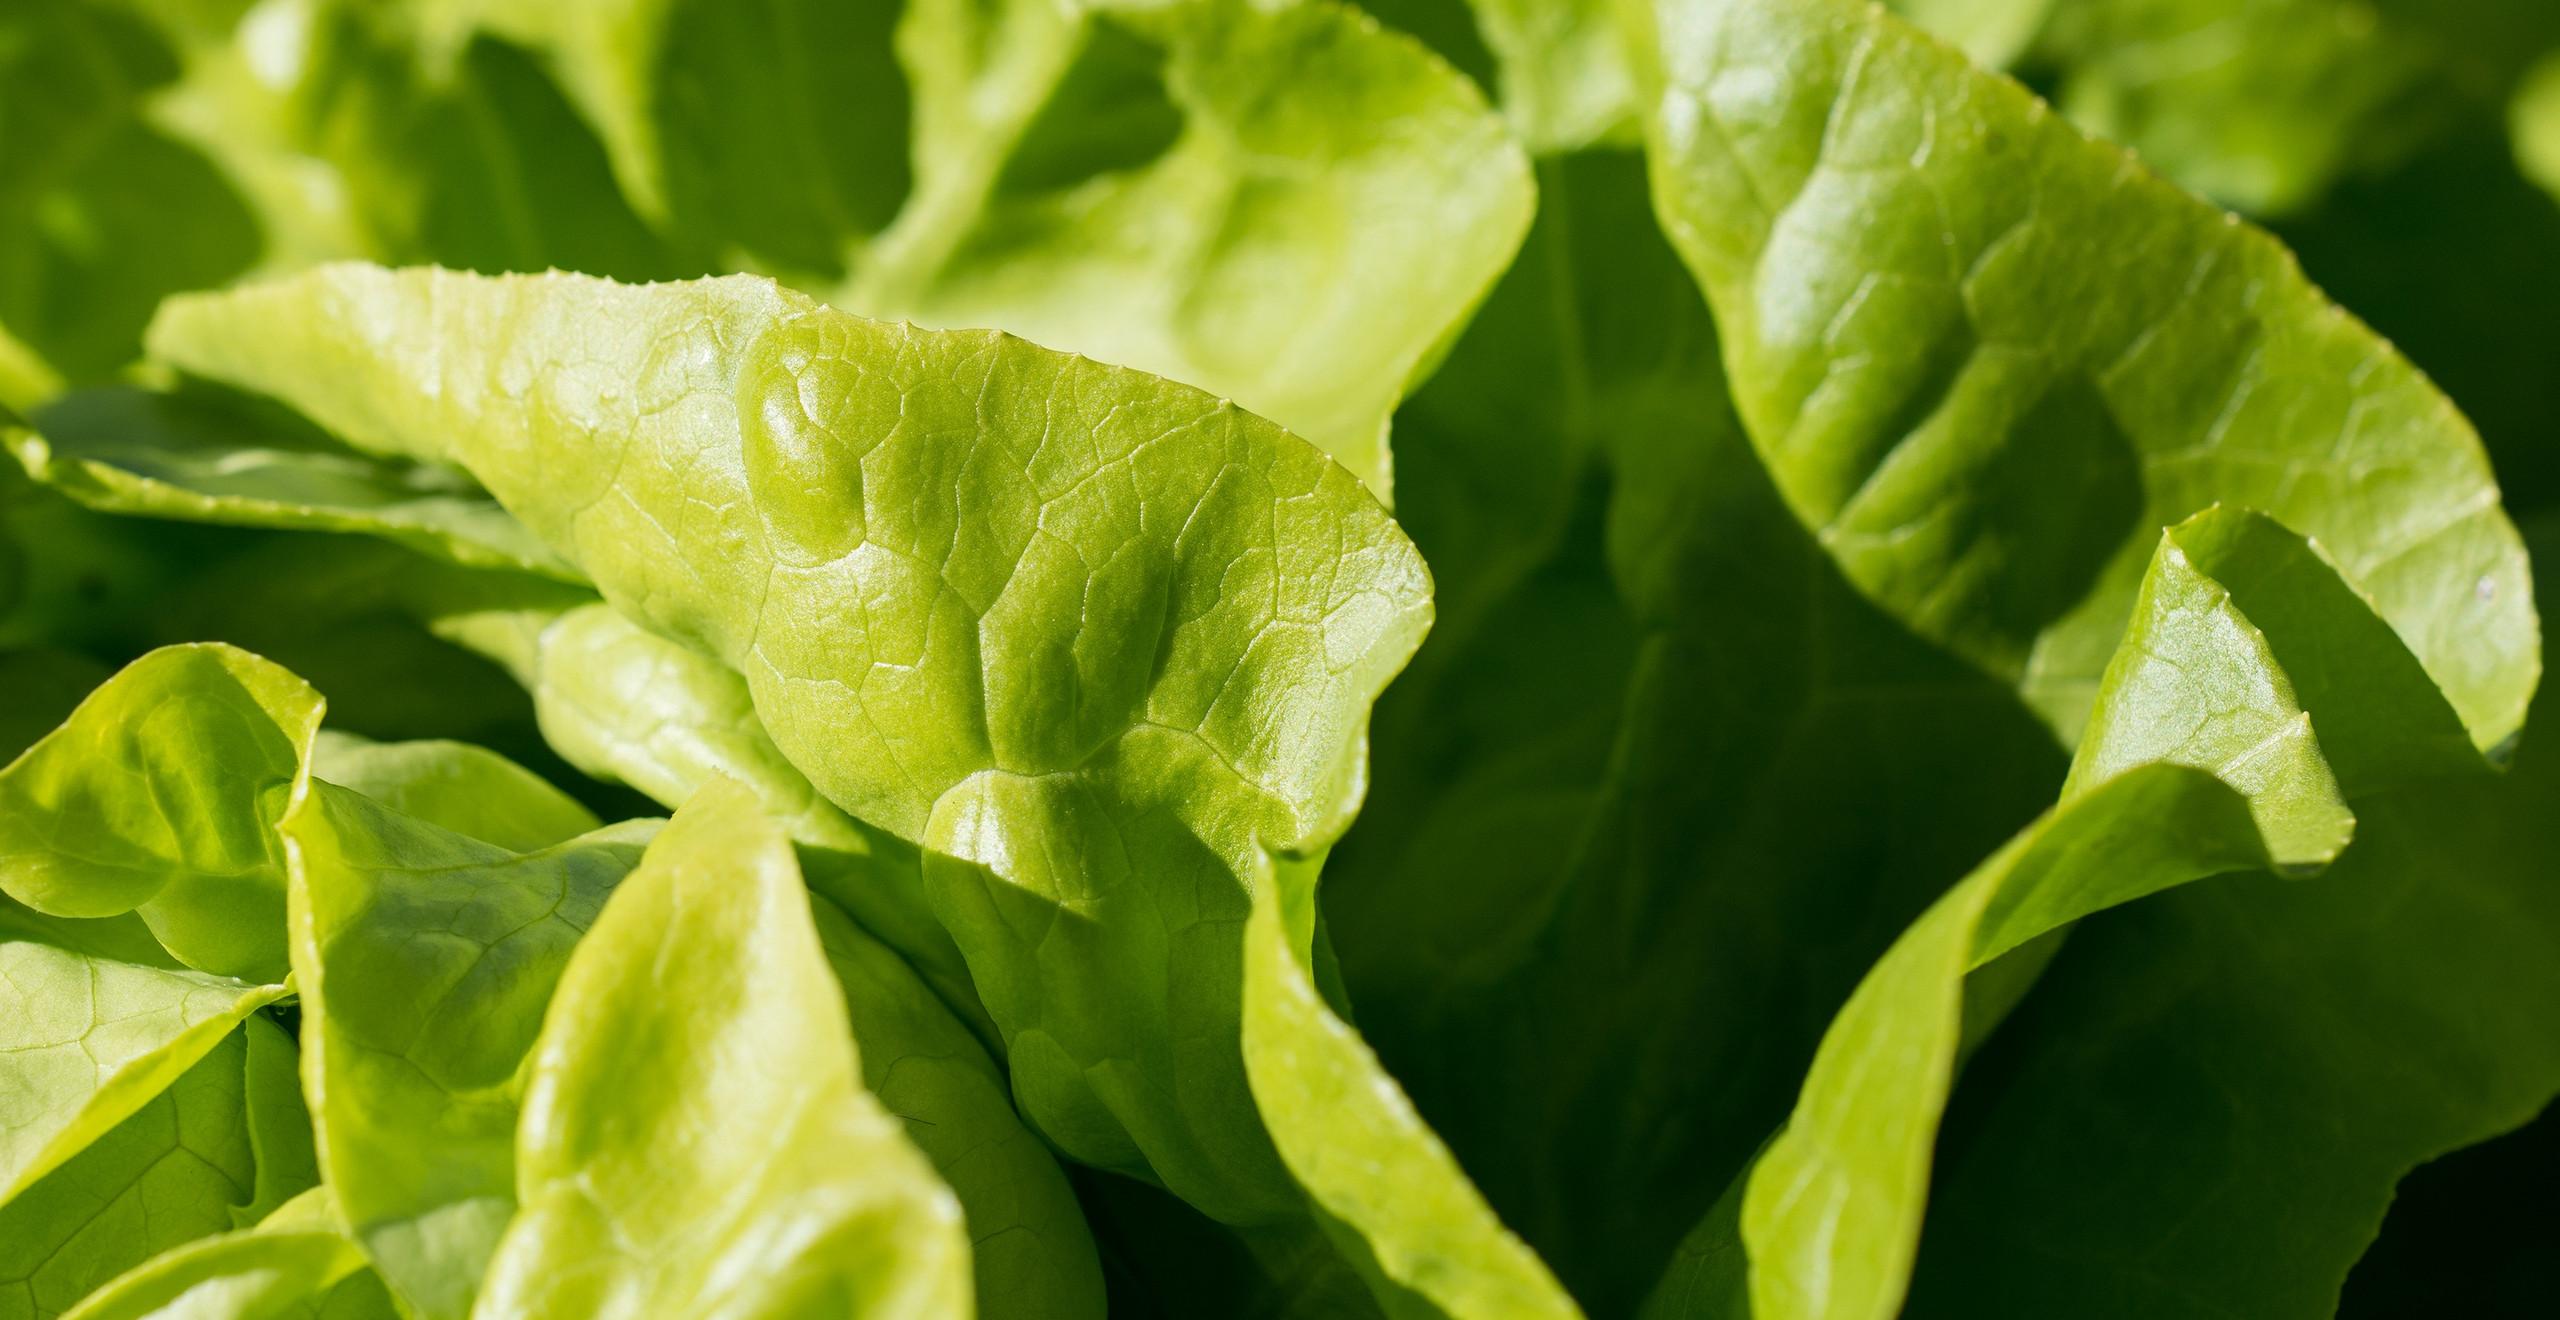 Green Fresh lettuce are the rich source of Vitamin E